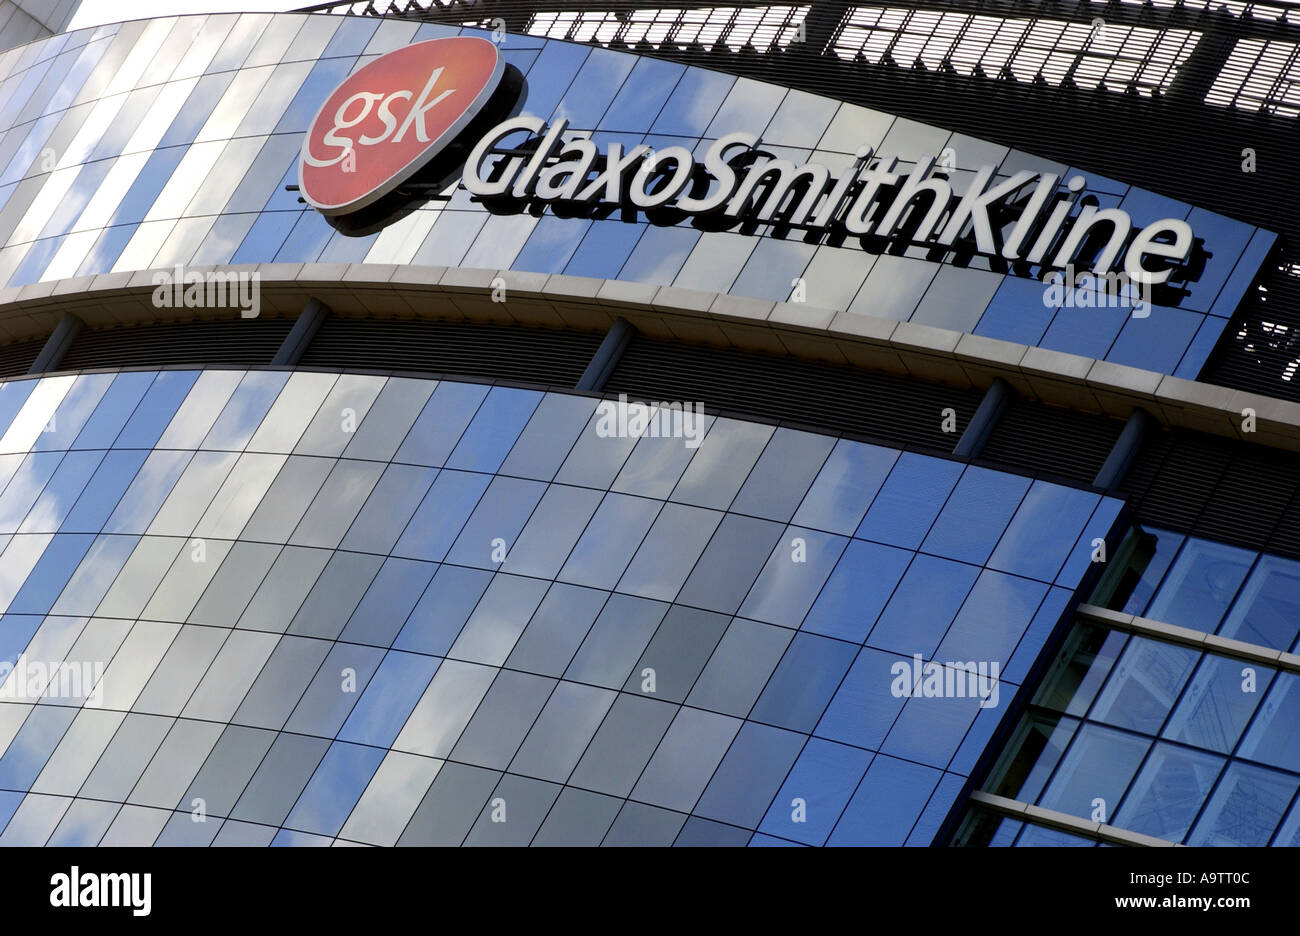 GlaxoSmithKline HQ in UK - Stock Image